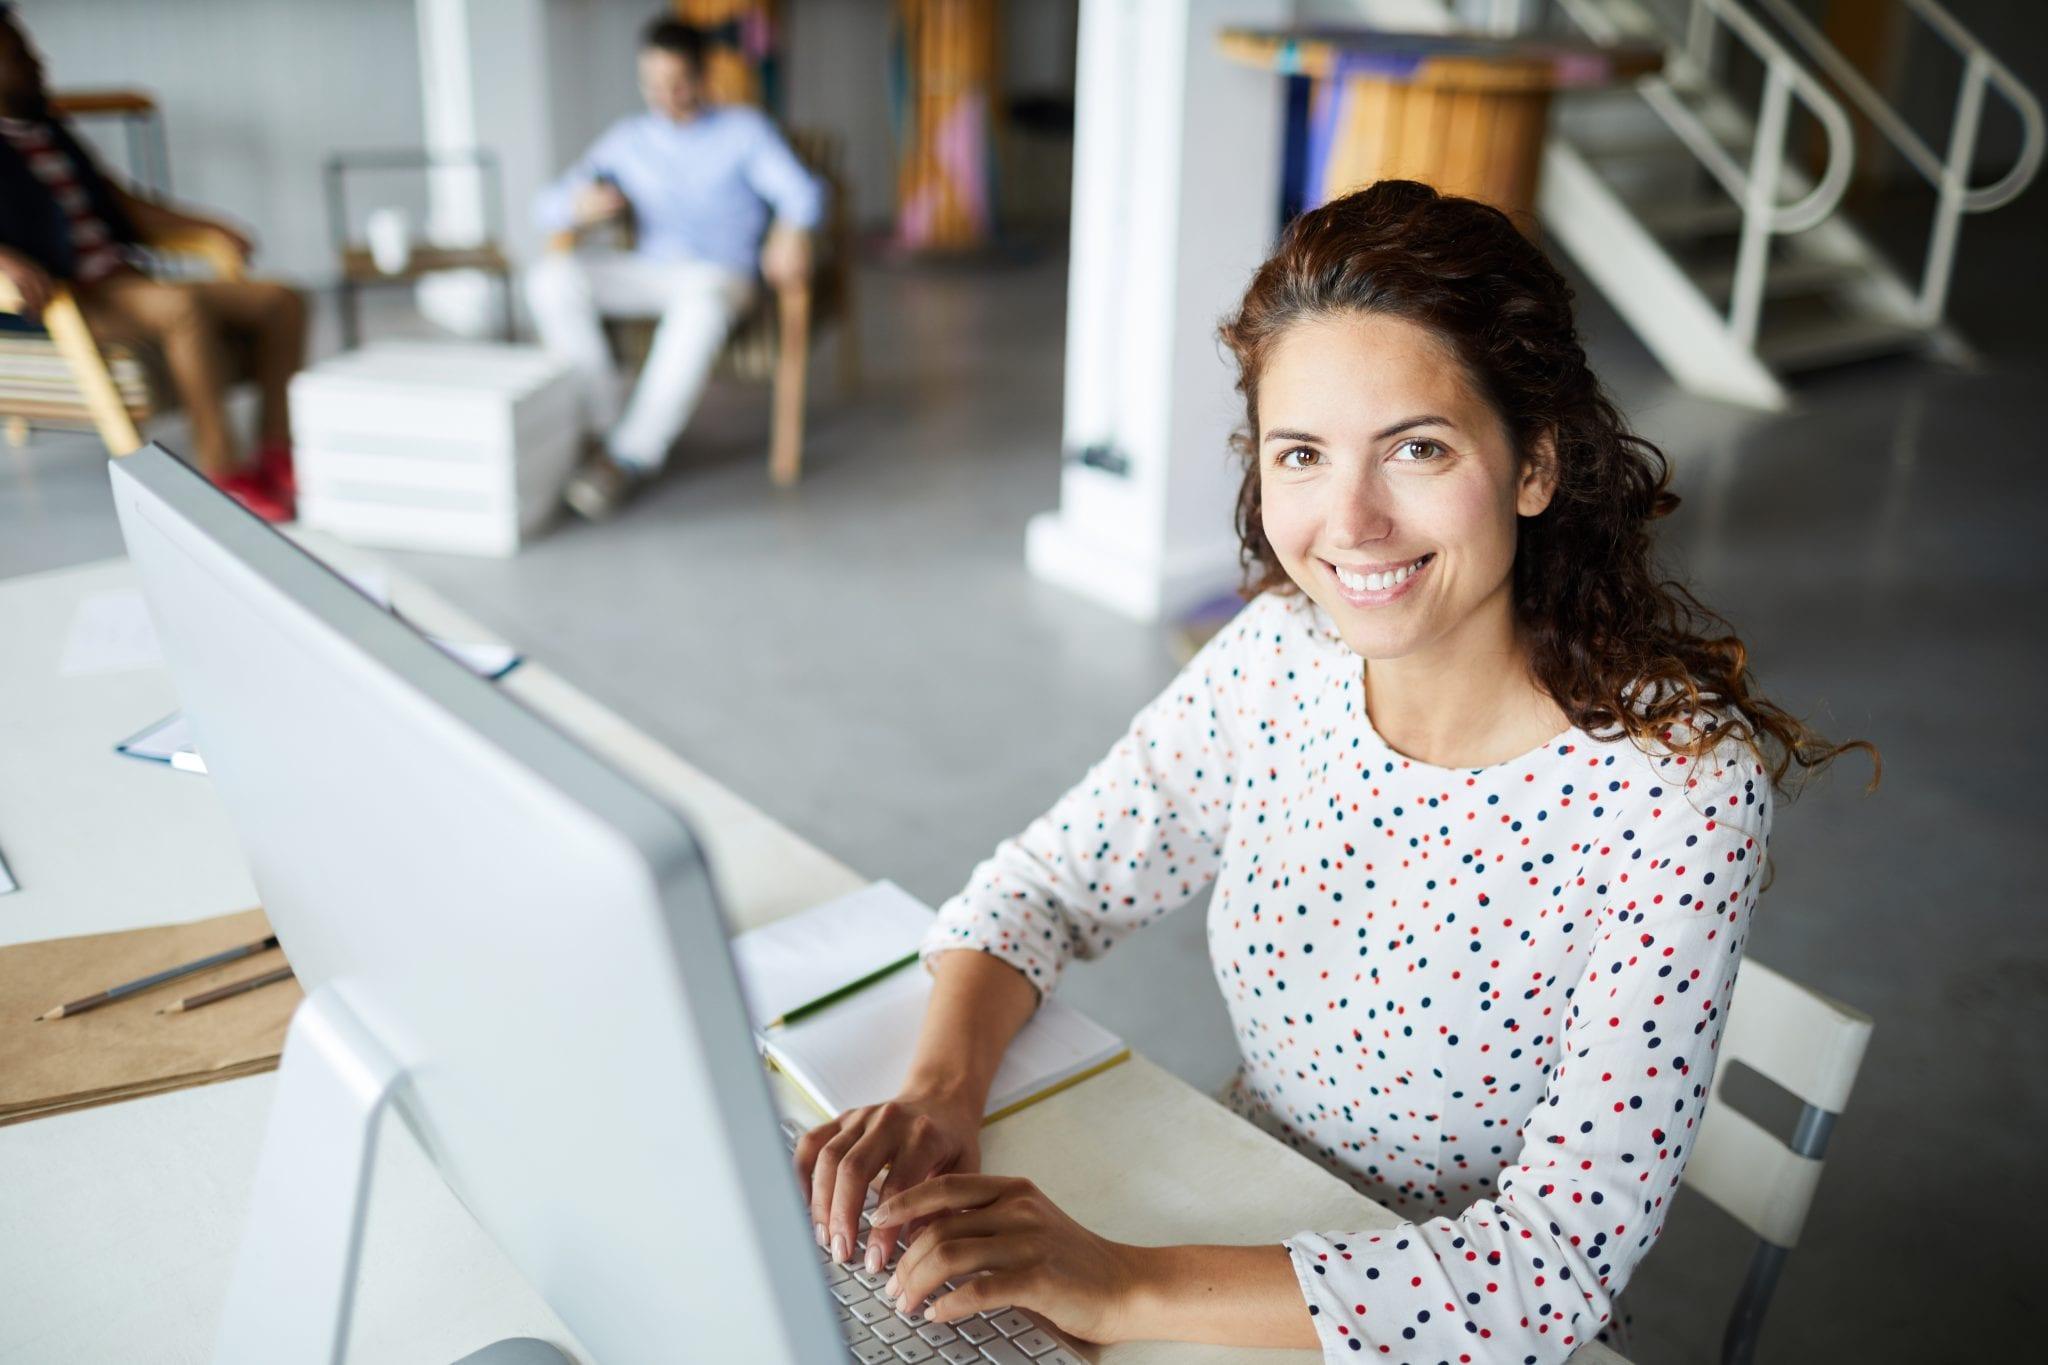 Blog de salud empresarial - Implementar la NOM-035-STPS en tu organización-contenido 2 Empleados más felices